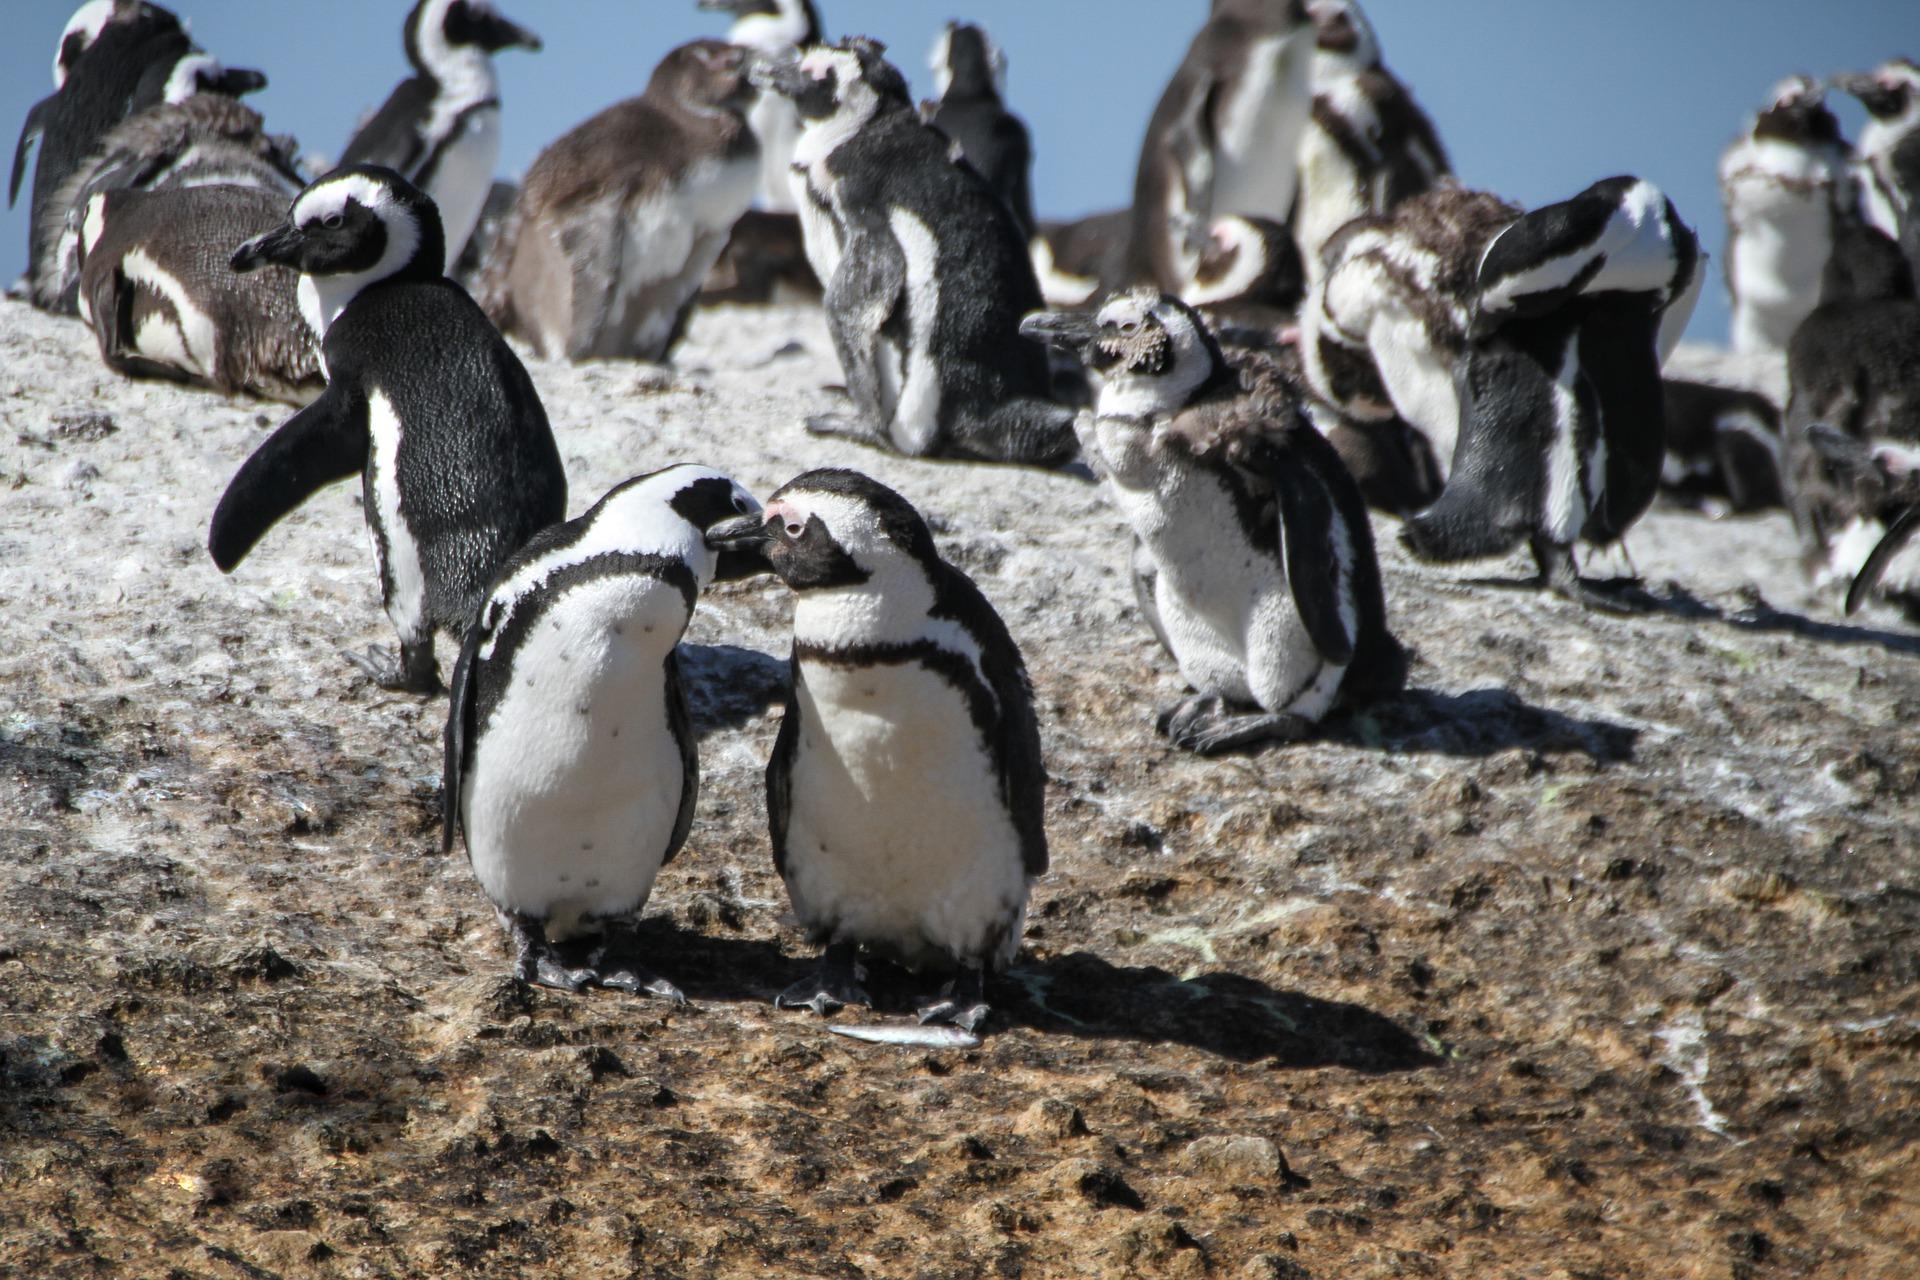 Penguenler ile insanların ortak özellikleri keşfedildi: Tek eşlilik, eşcinsellik…